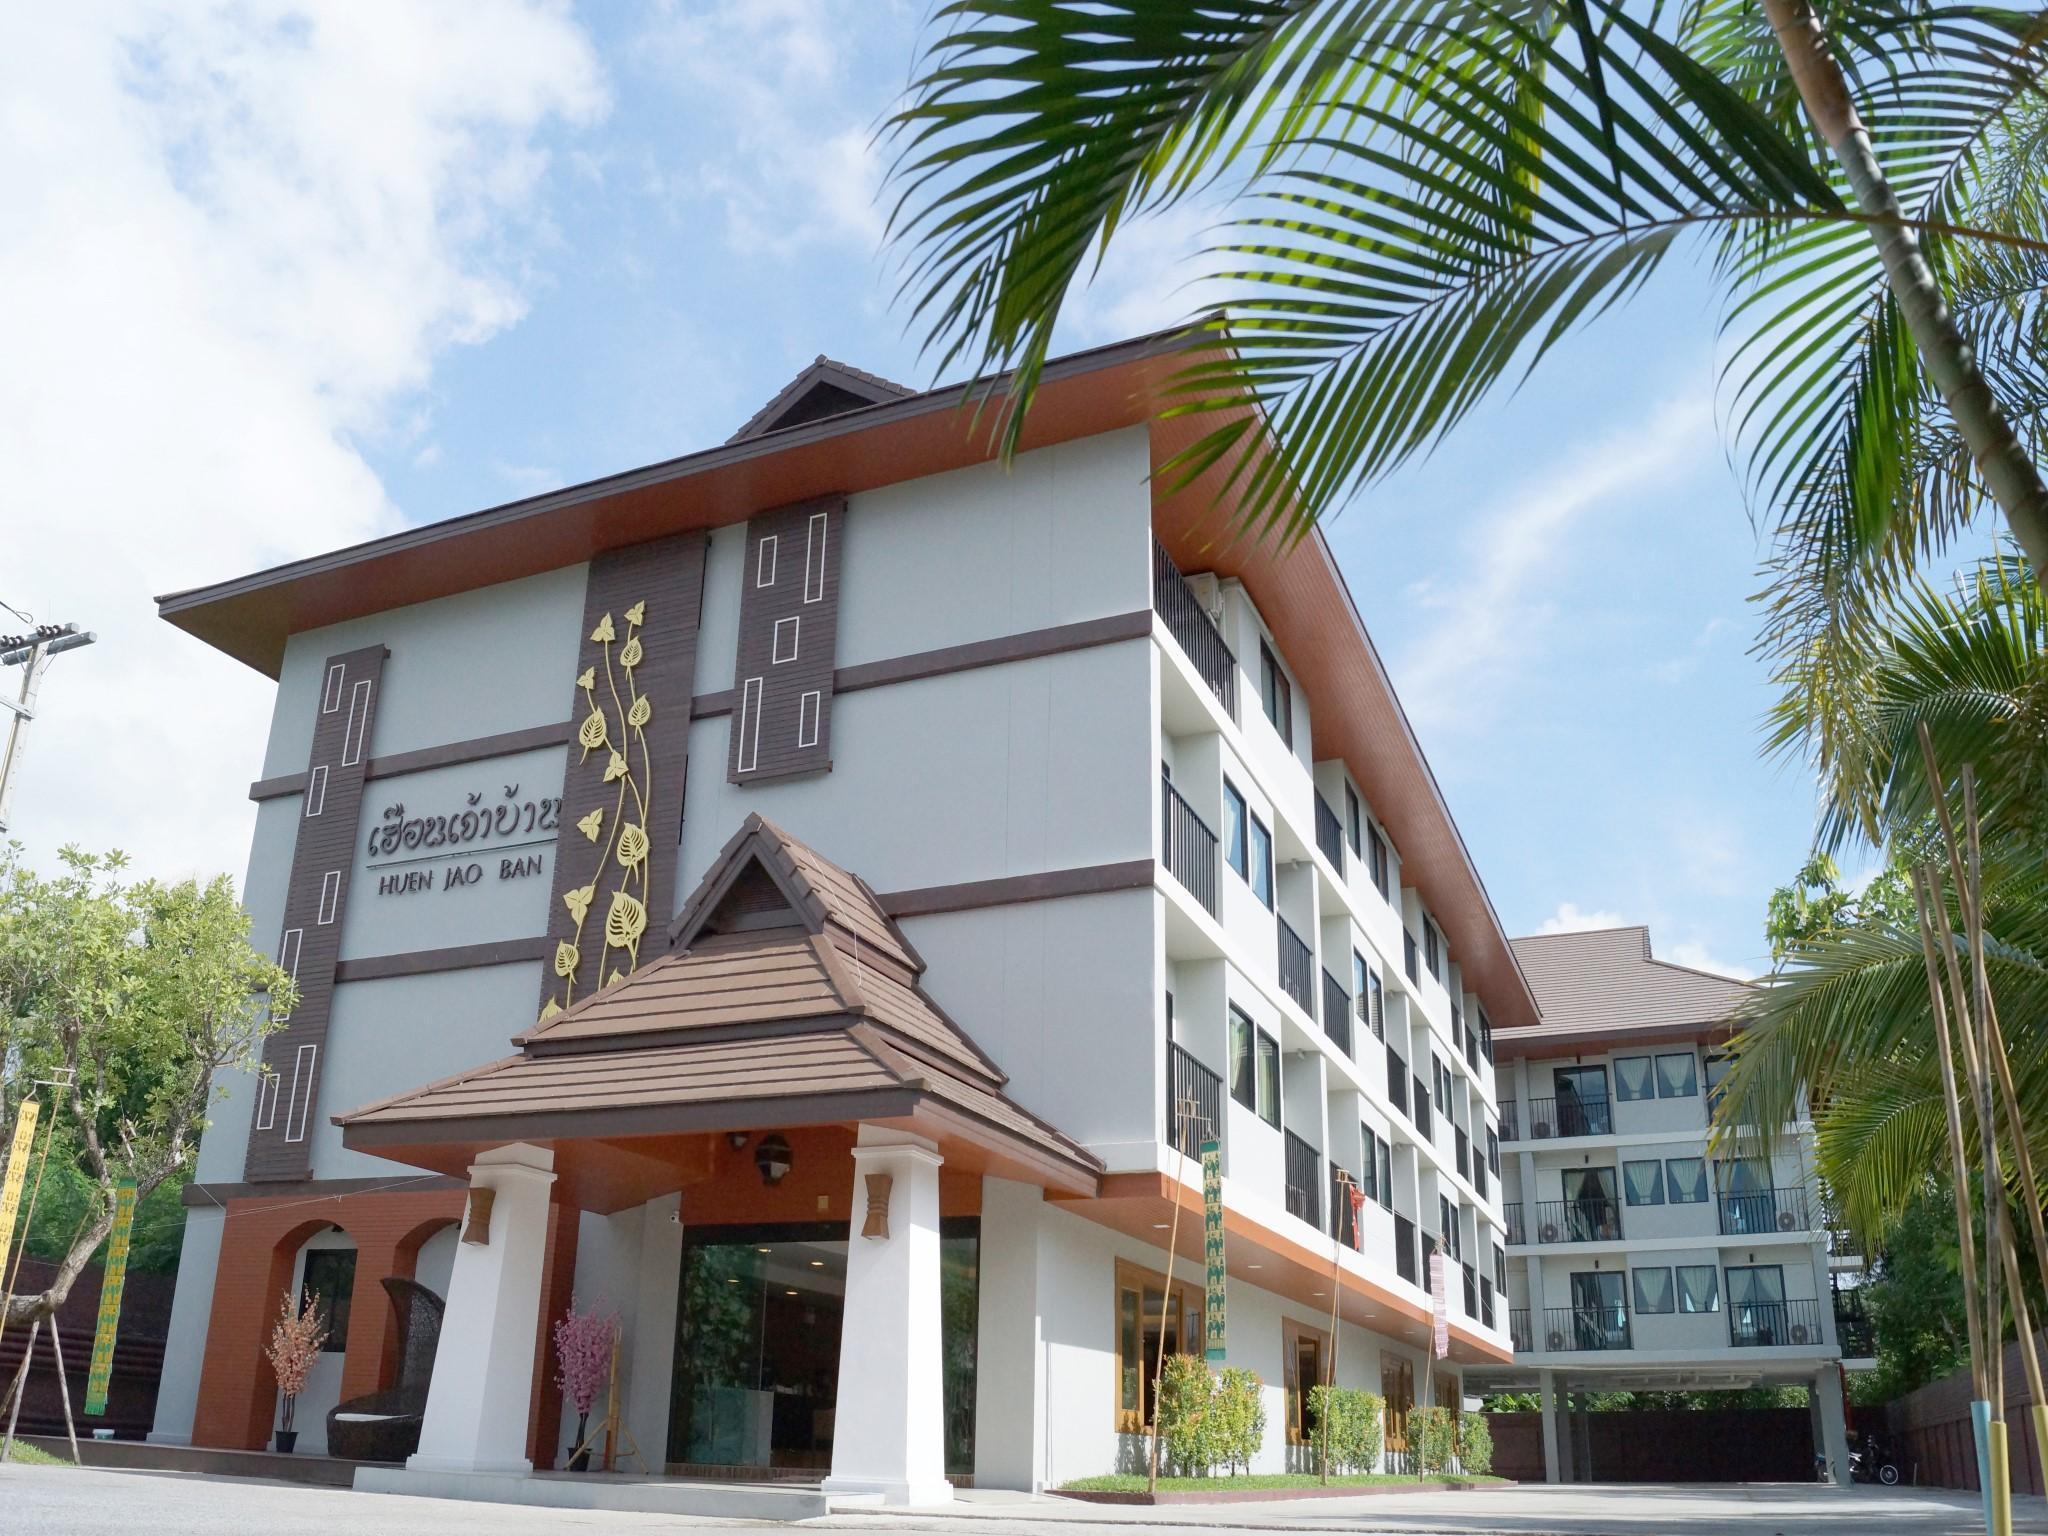 胡交班酒店,โรงแรมเฮือนเจ้าบ้าน